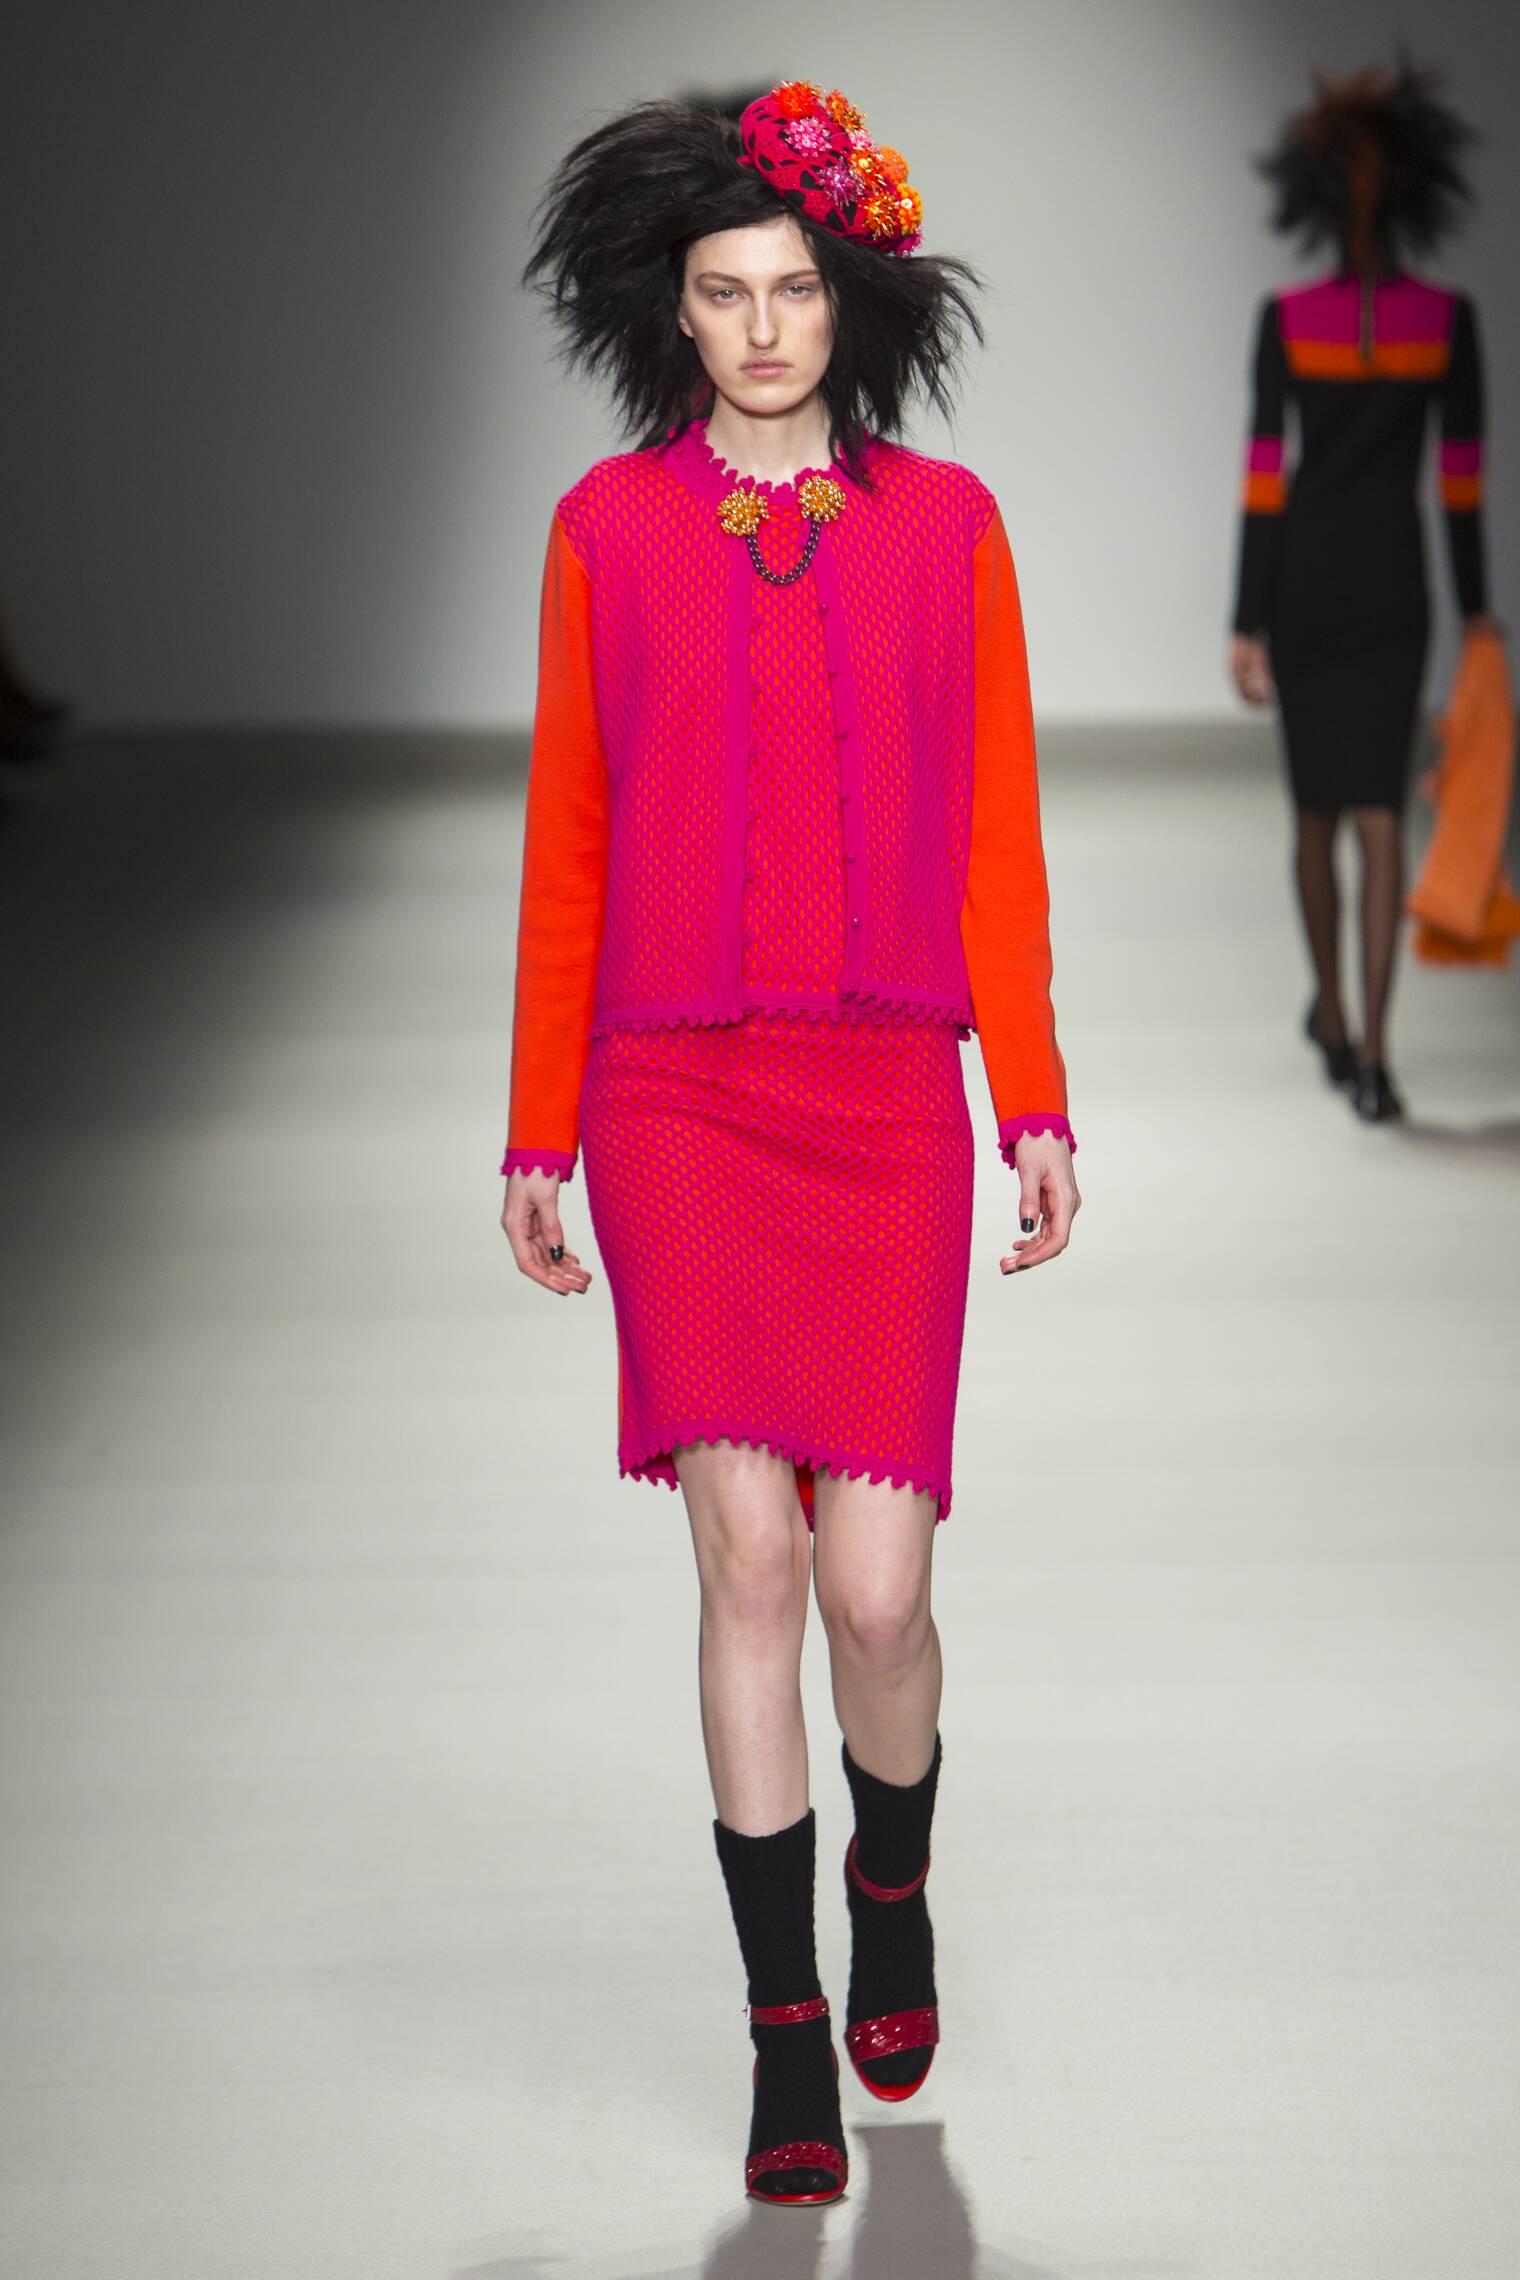 Runway Sibling Fall Winter 2015 16 Women's Collection London Fashion Week